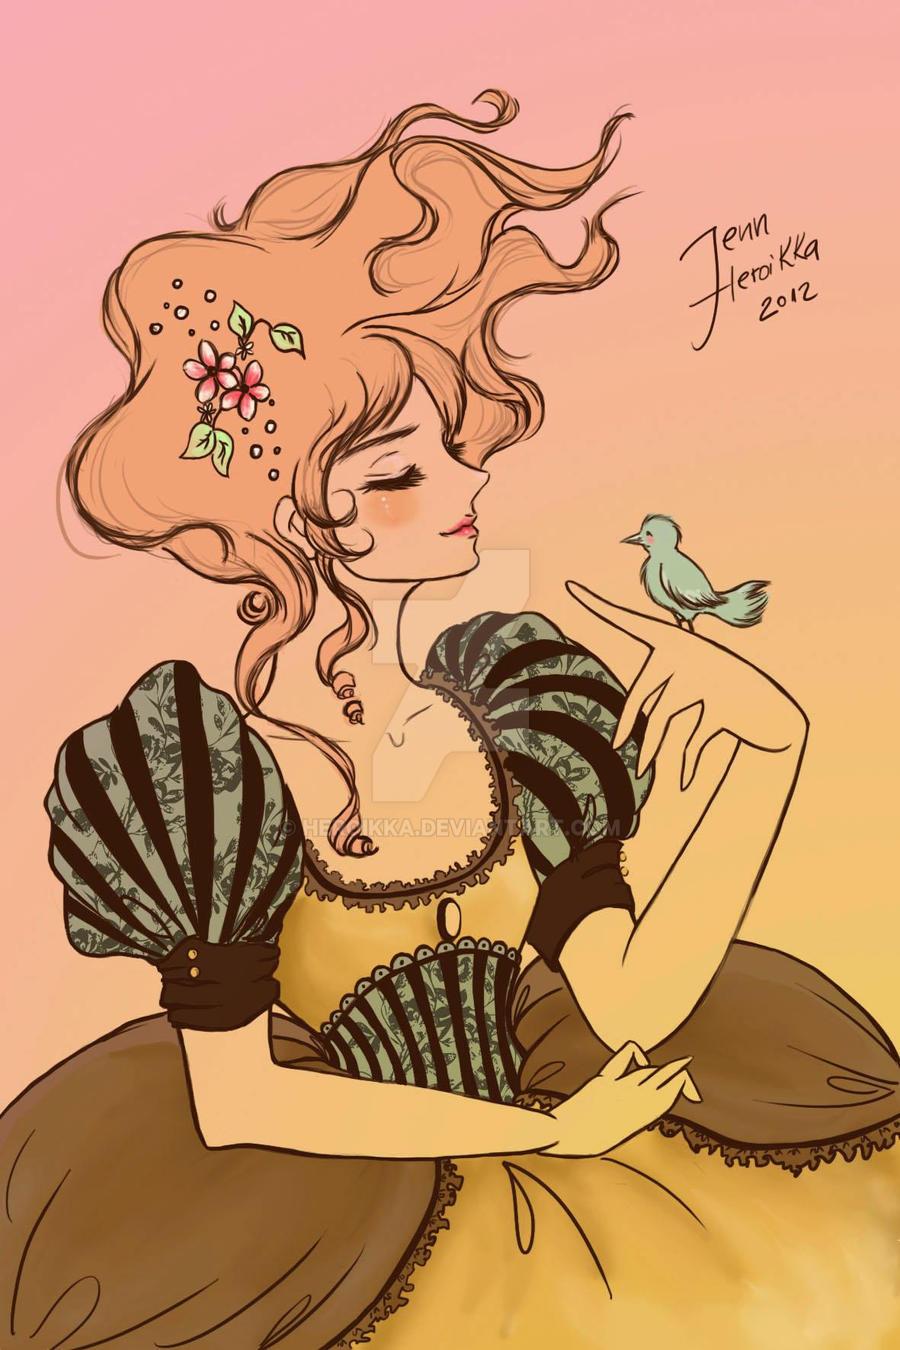 Princesa by heroikka